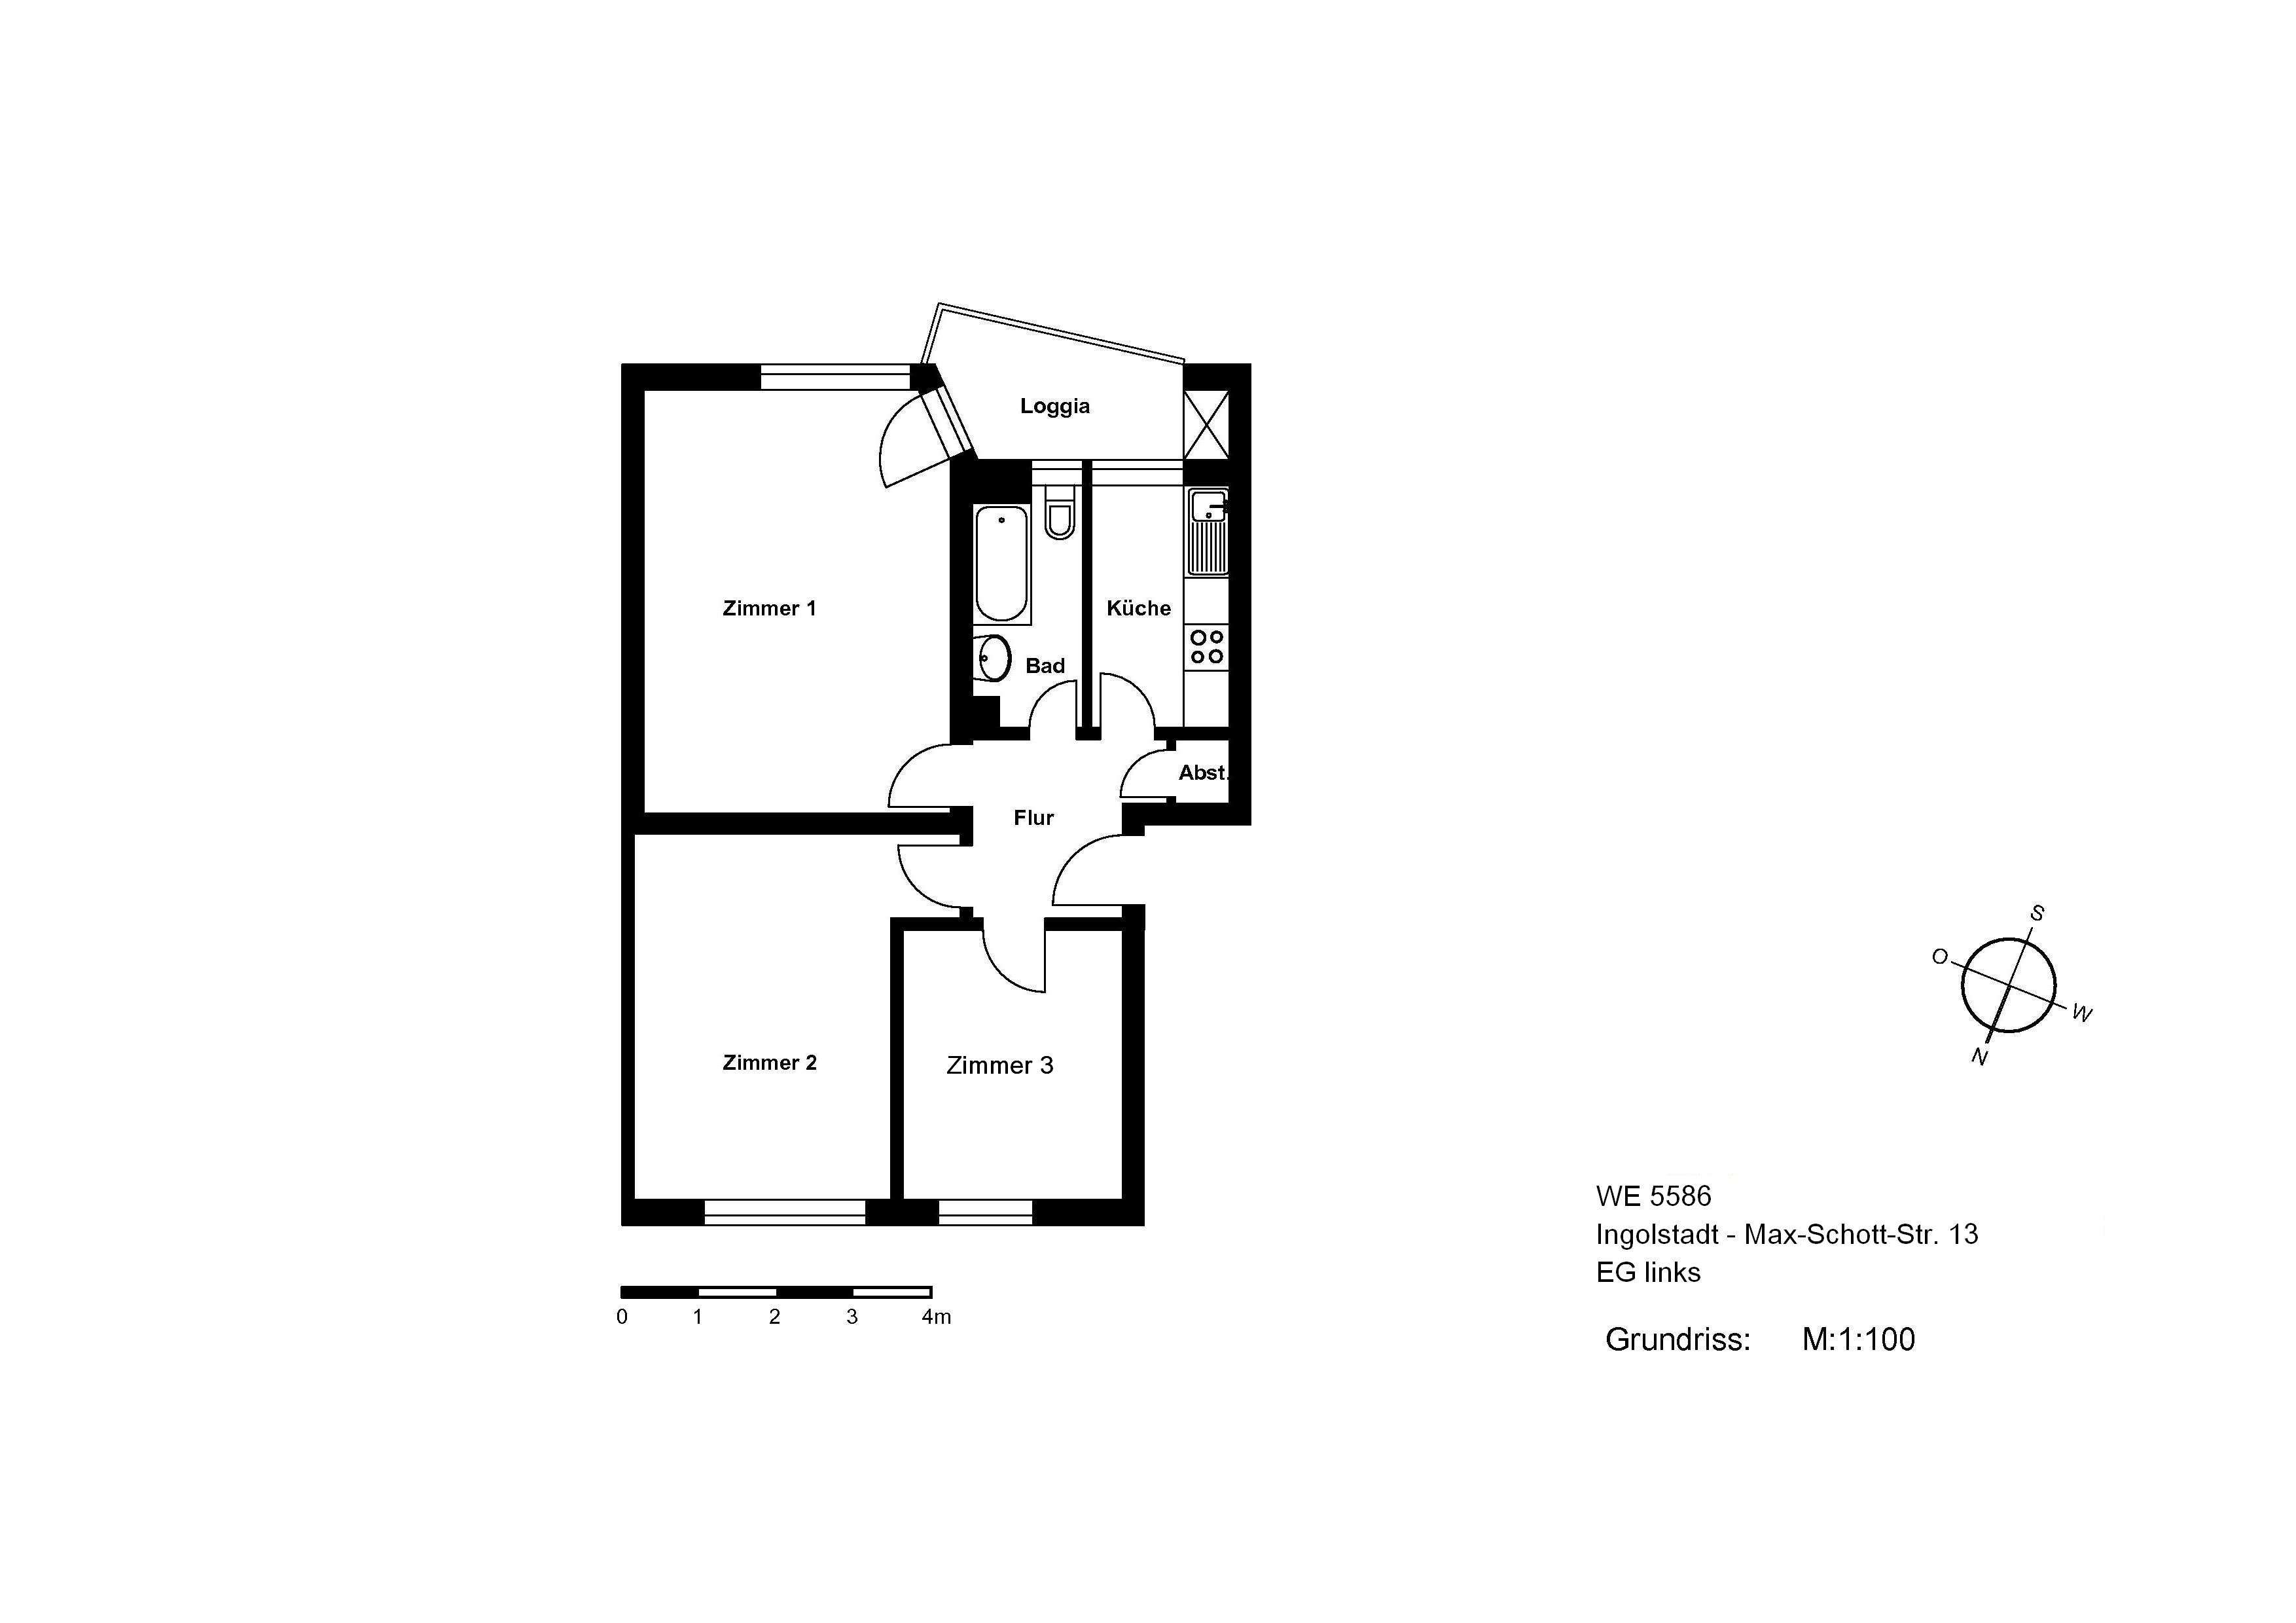 IN AUDI-NÄHE:  3-Zimmer-Whg. mit Loggia, Abstellraum u. Tageslichtbad in Nordwest